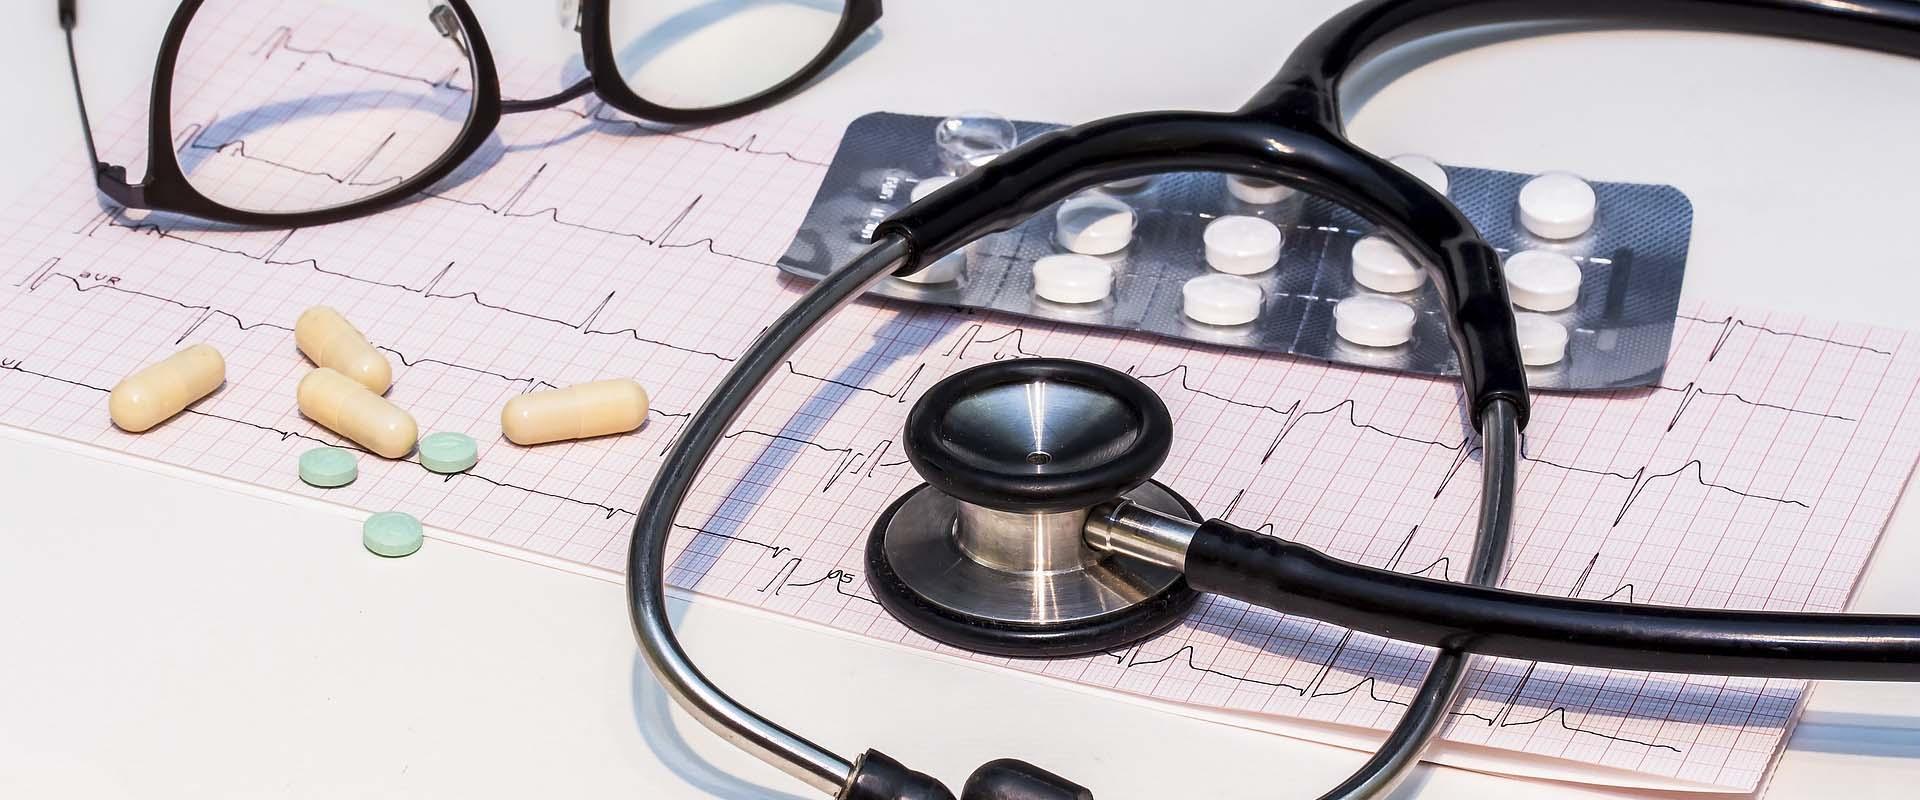 Endocrinologia e Medicina Esportiva